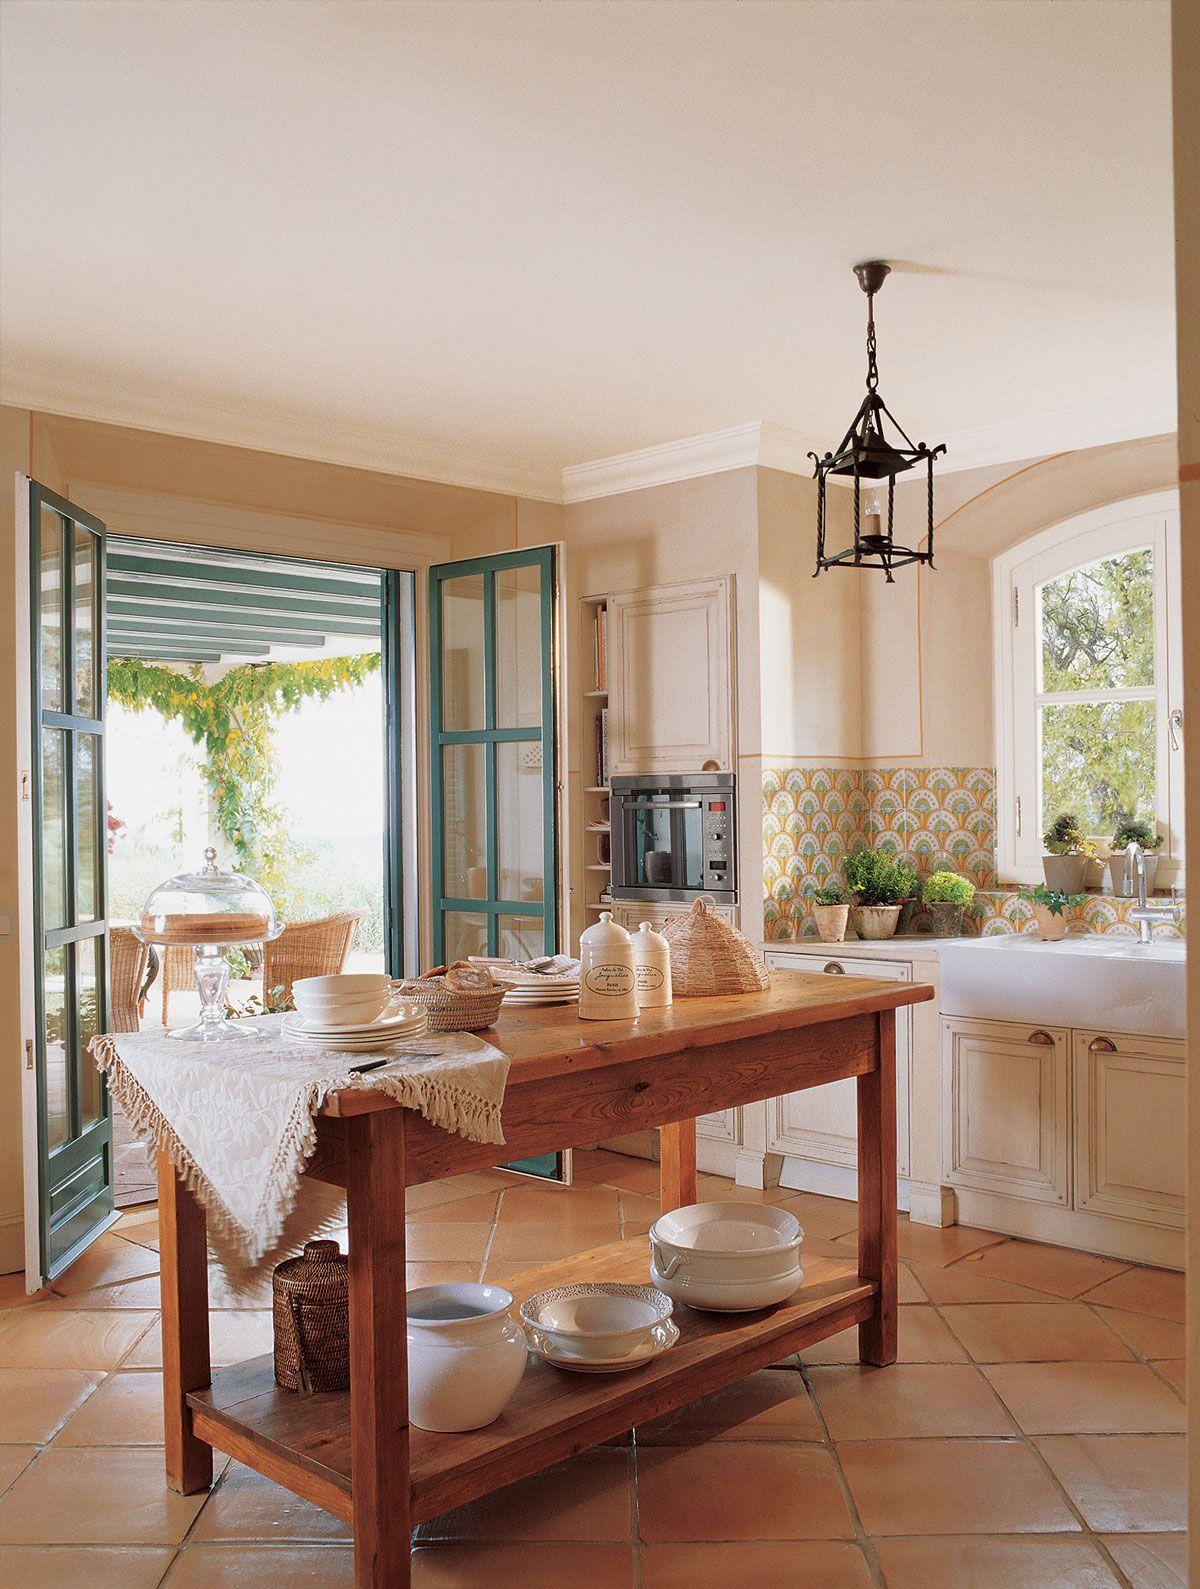 00157661 Cocina Con Muebles En Blanco Con Encimera De M Rmol  # Muebles Campo Gibraltar